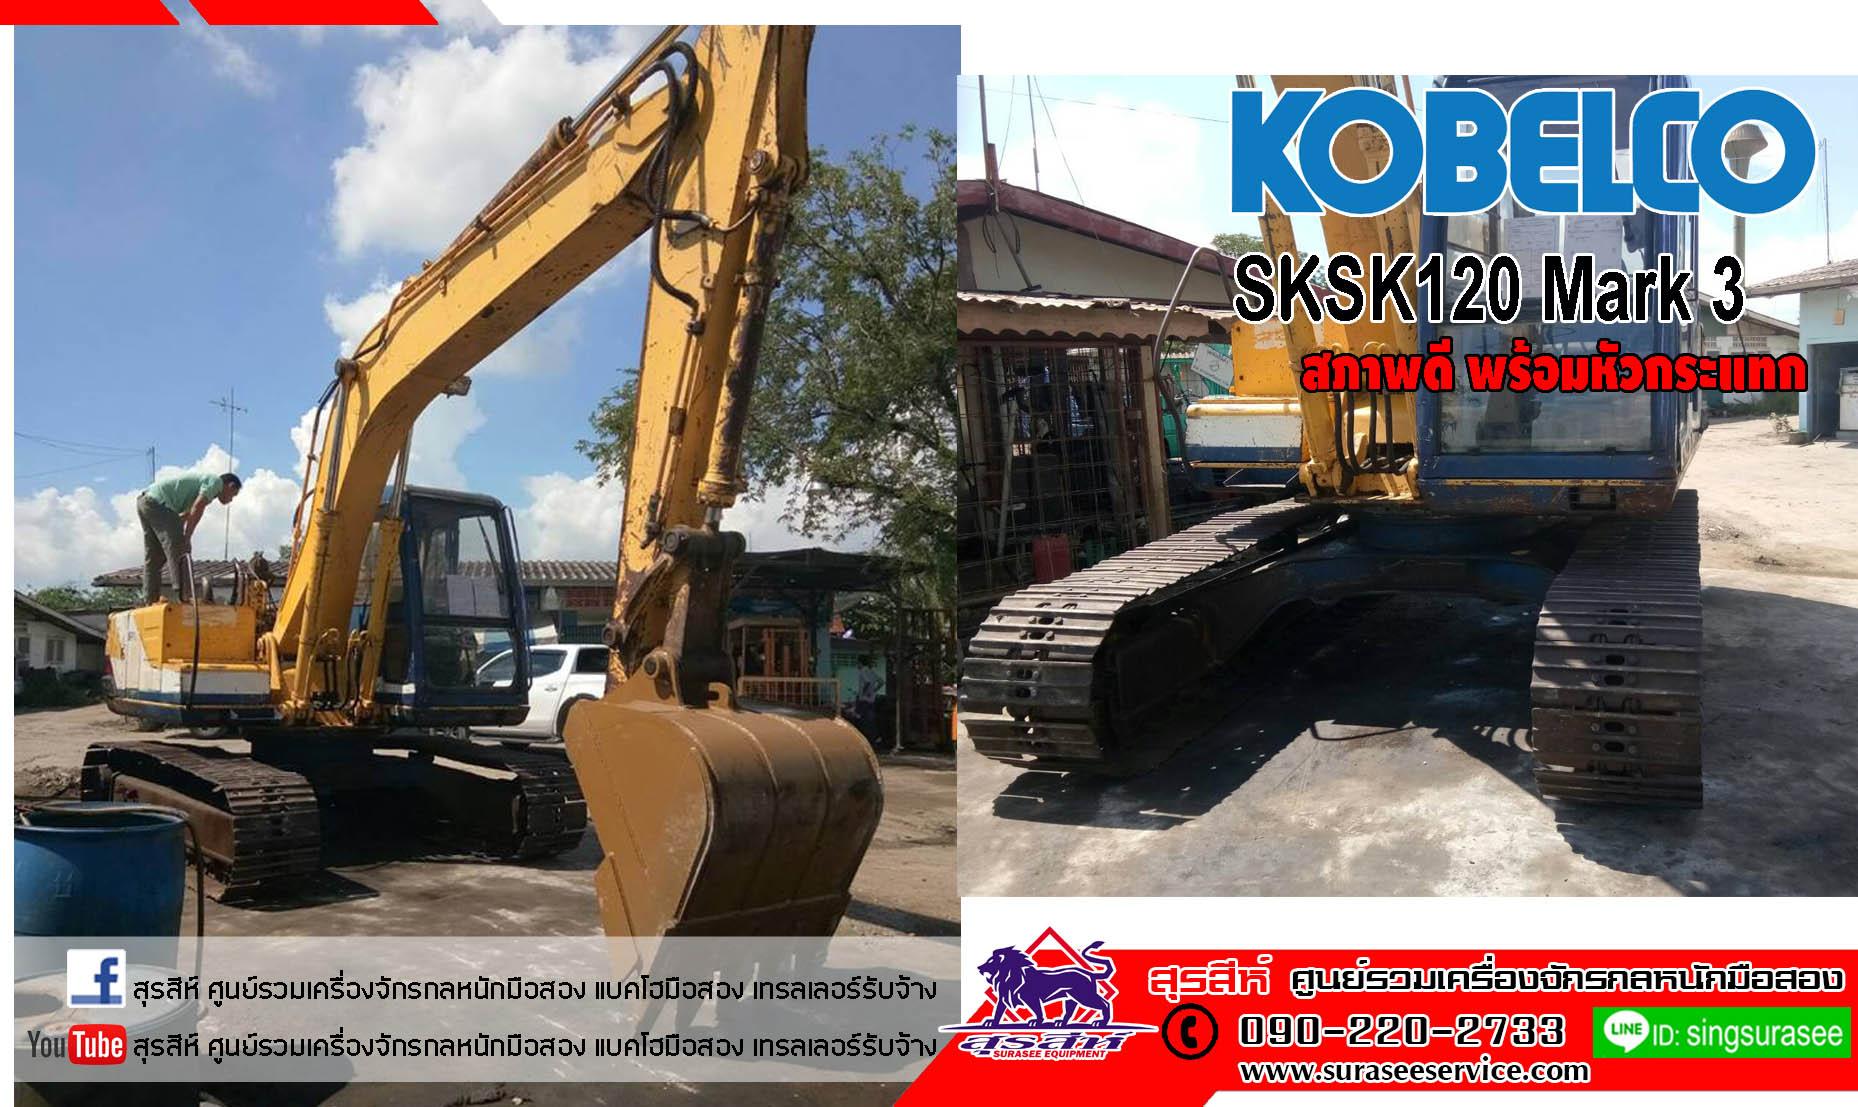 เก่านอกราคาถูก  KOBELCO SK120 Mark 3 พร้อมไลน์เสริมหัวกระแทก เก่าญี่ปุ่น